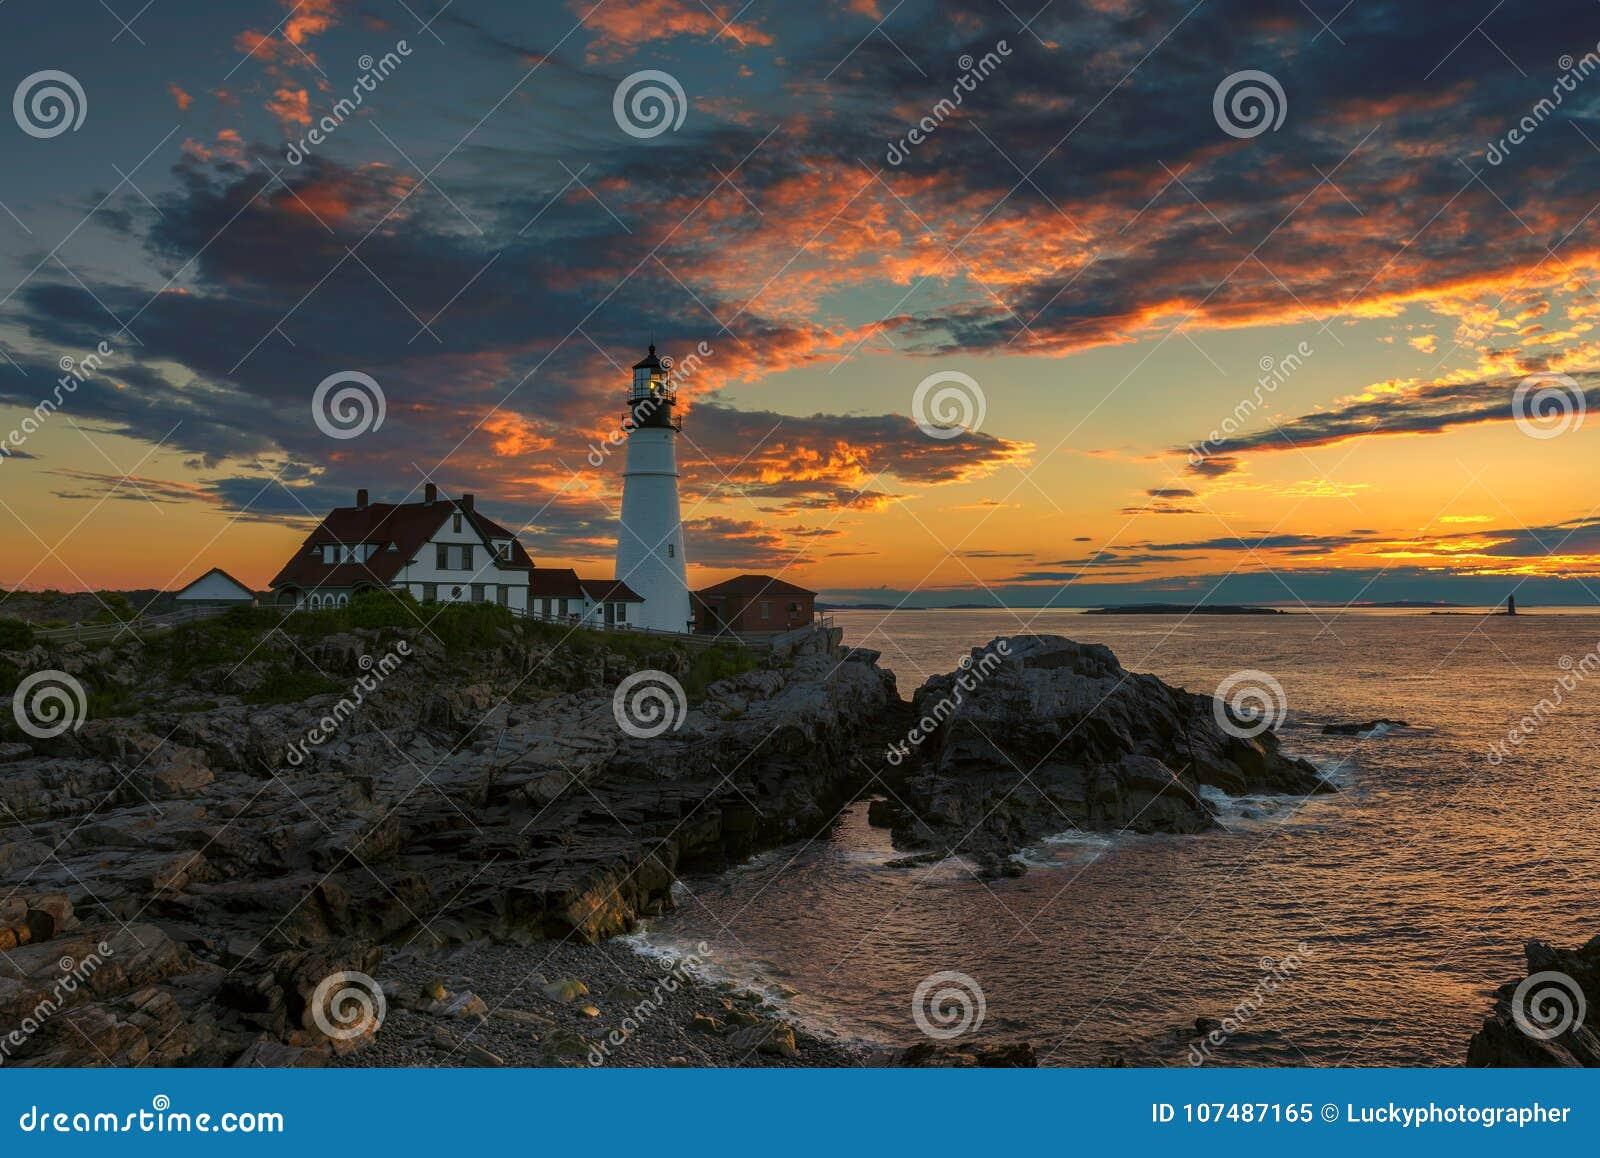 Portland gehen Leuchtturm bei Sonnenaufgang im Kap Elizabeth, Maine, USA voran